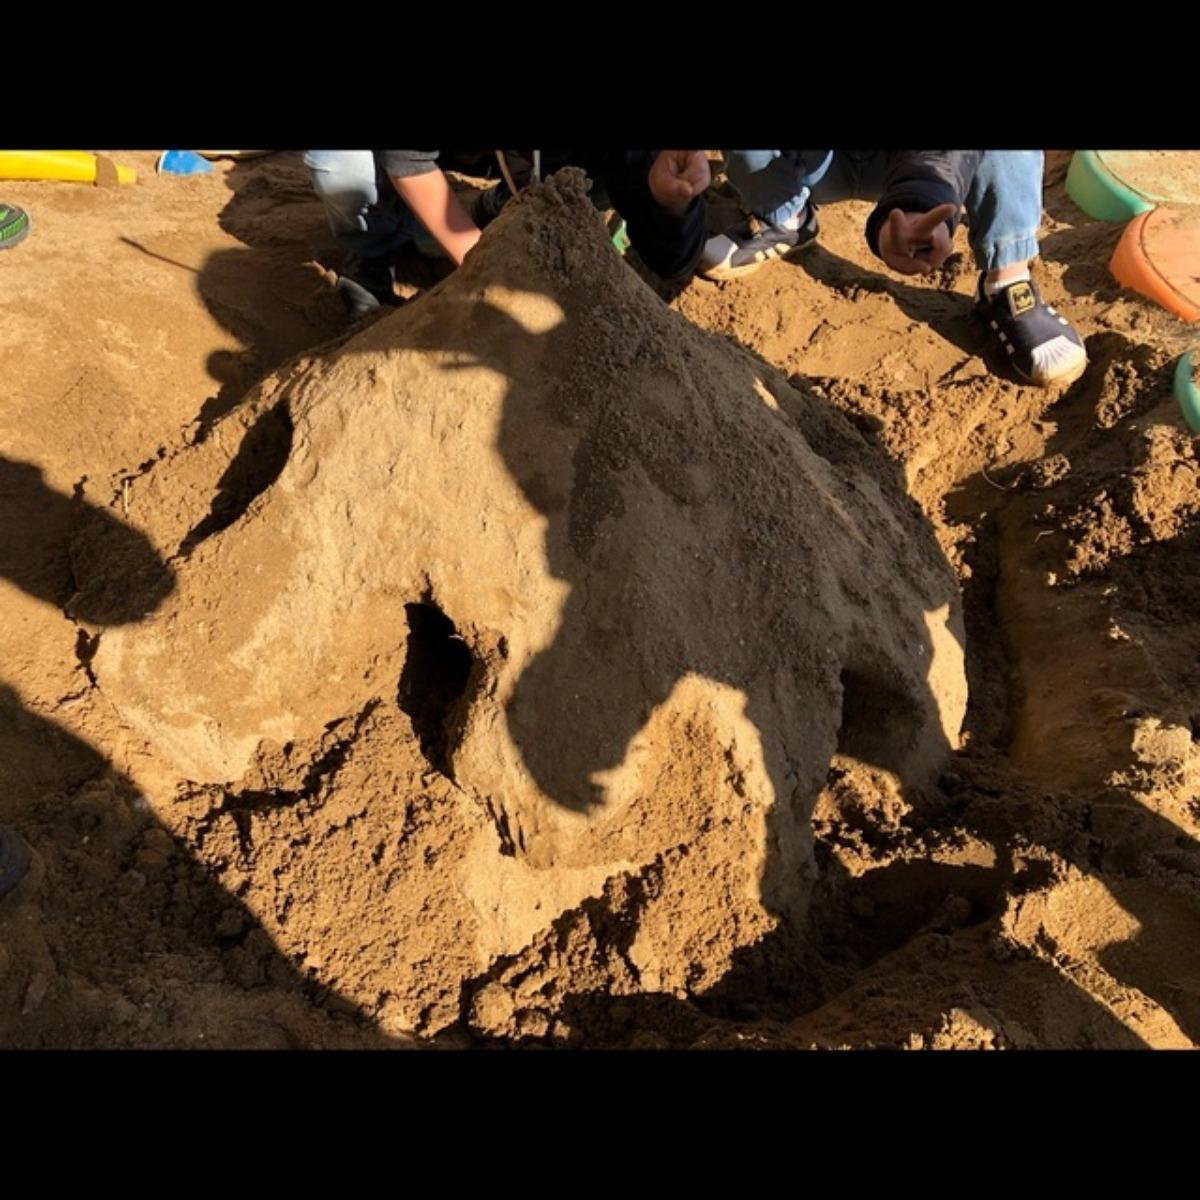 【アプリ投稿】砂遊び 4歳児